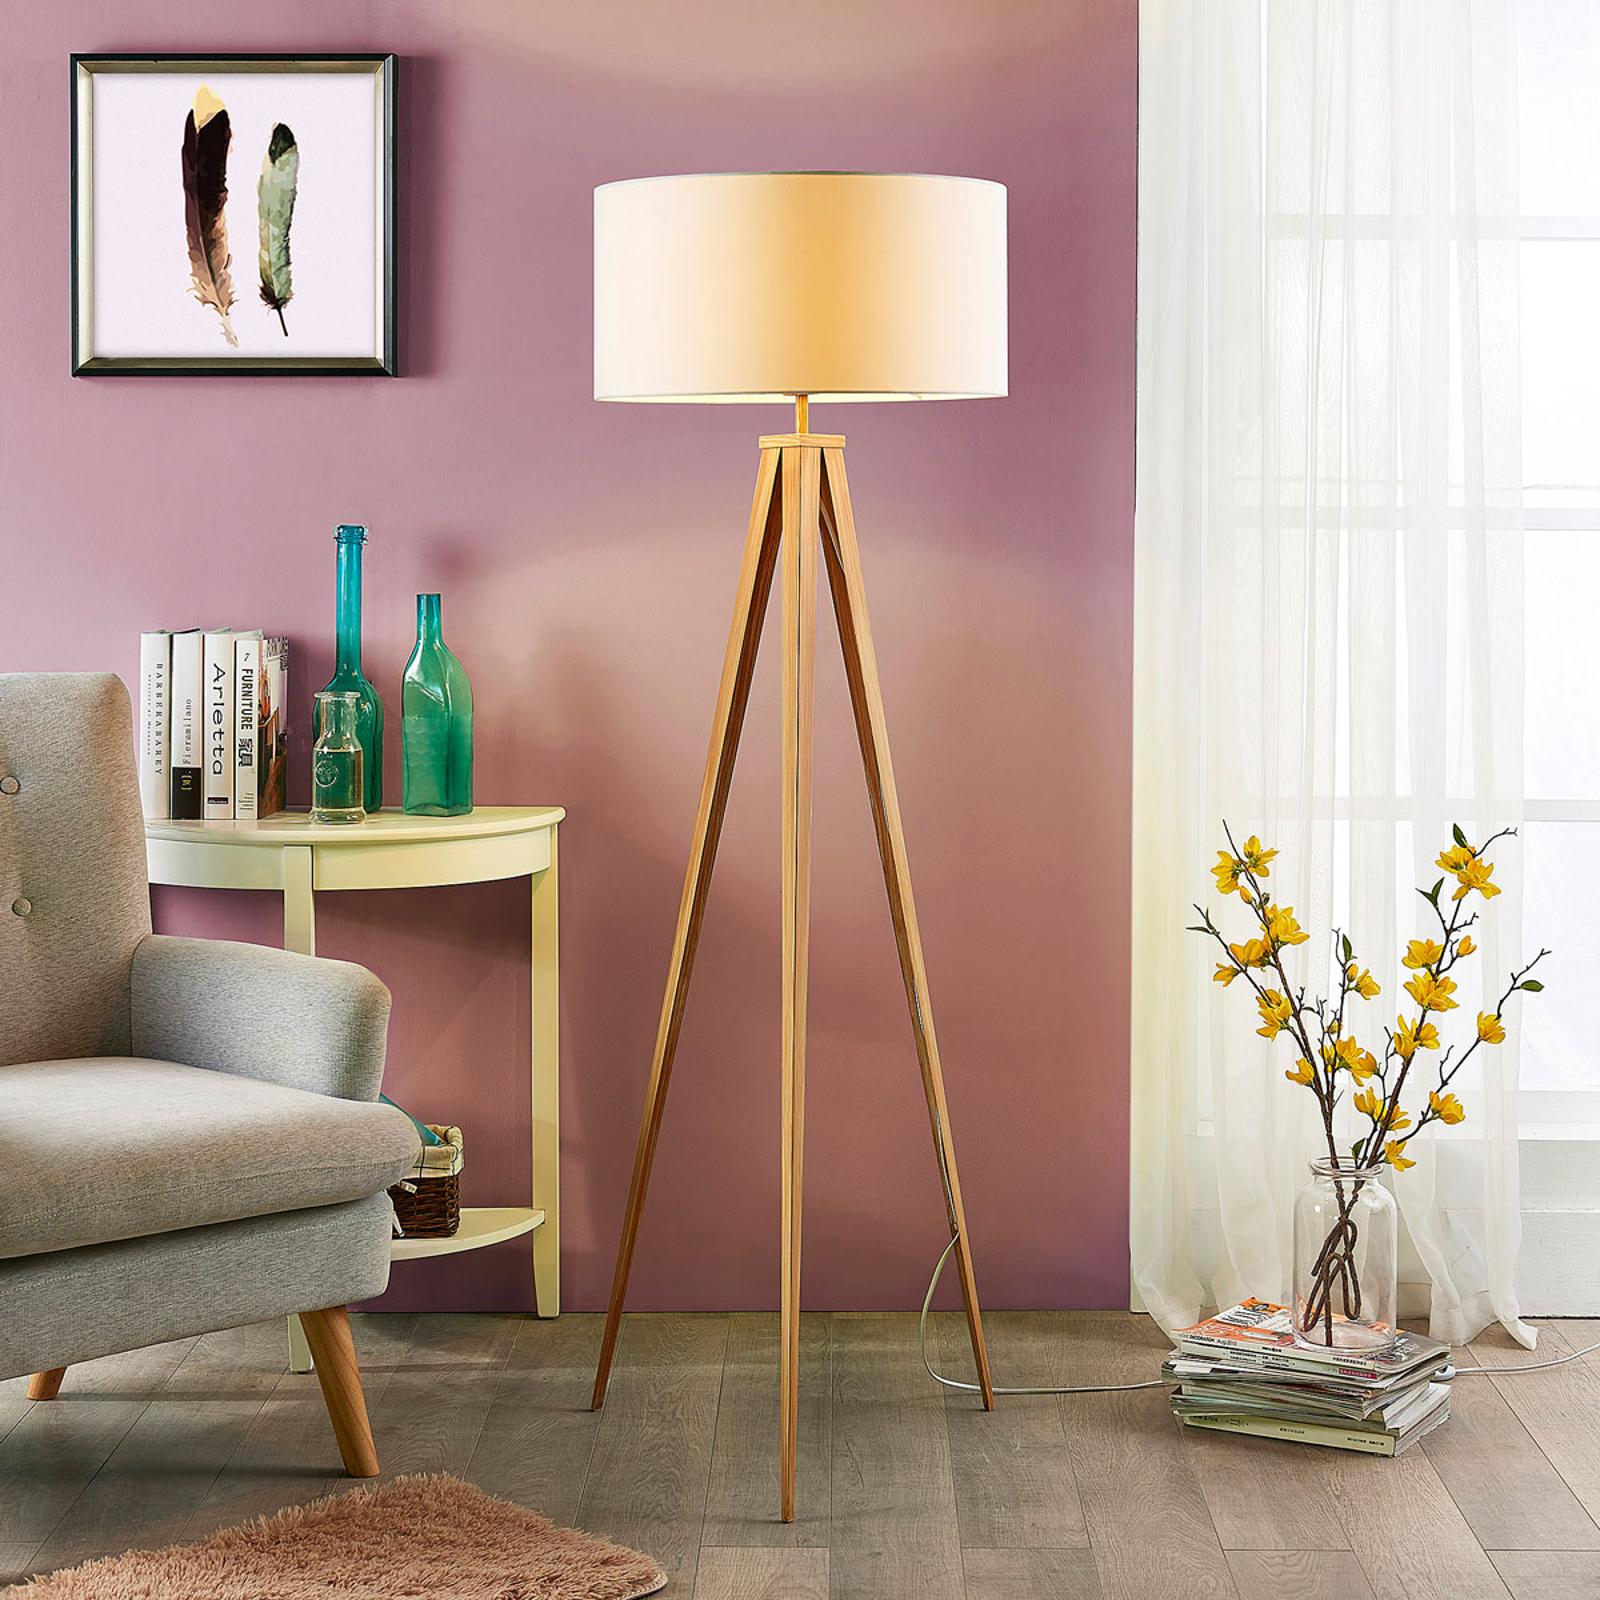 Stojací lampa Benik, vzhle stativu, bílá-dřevěná